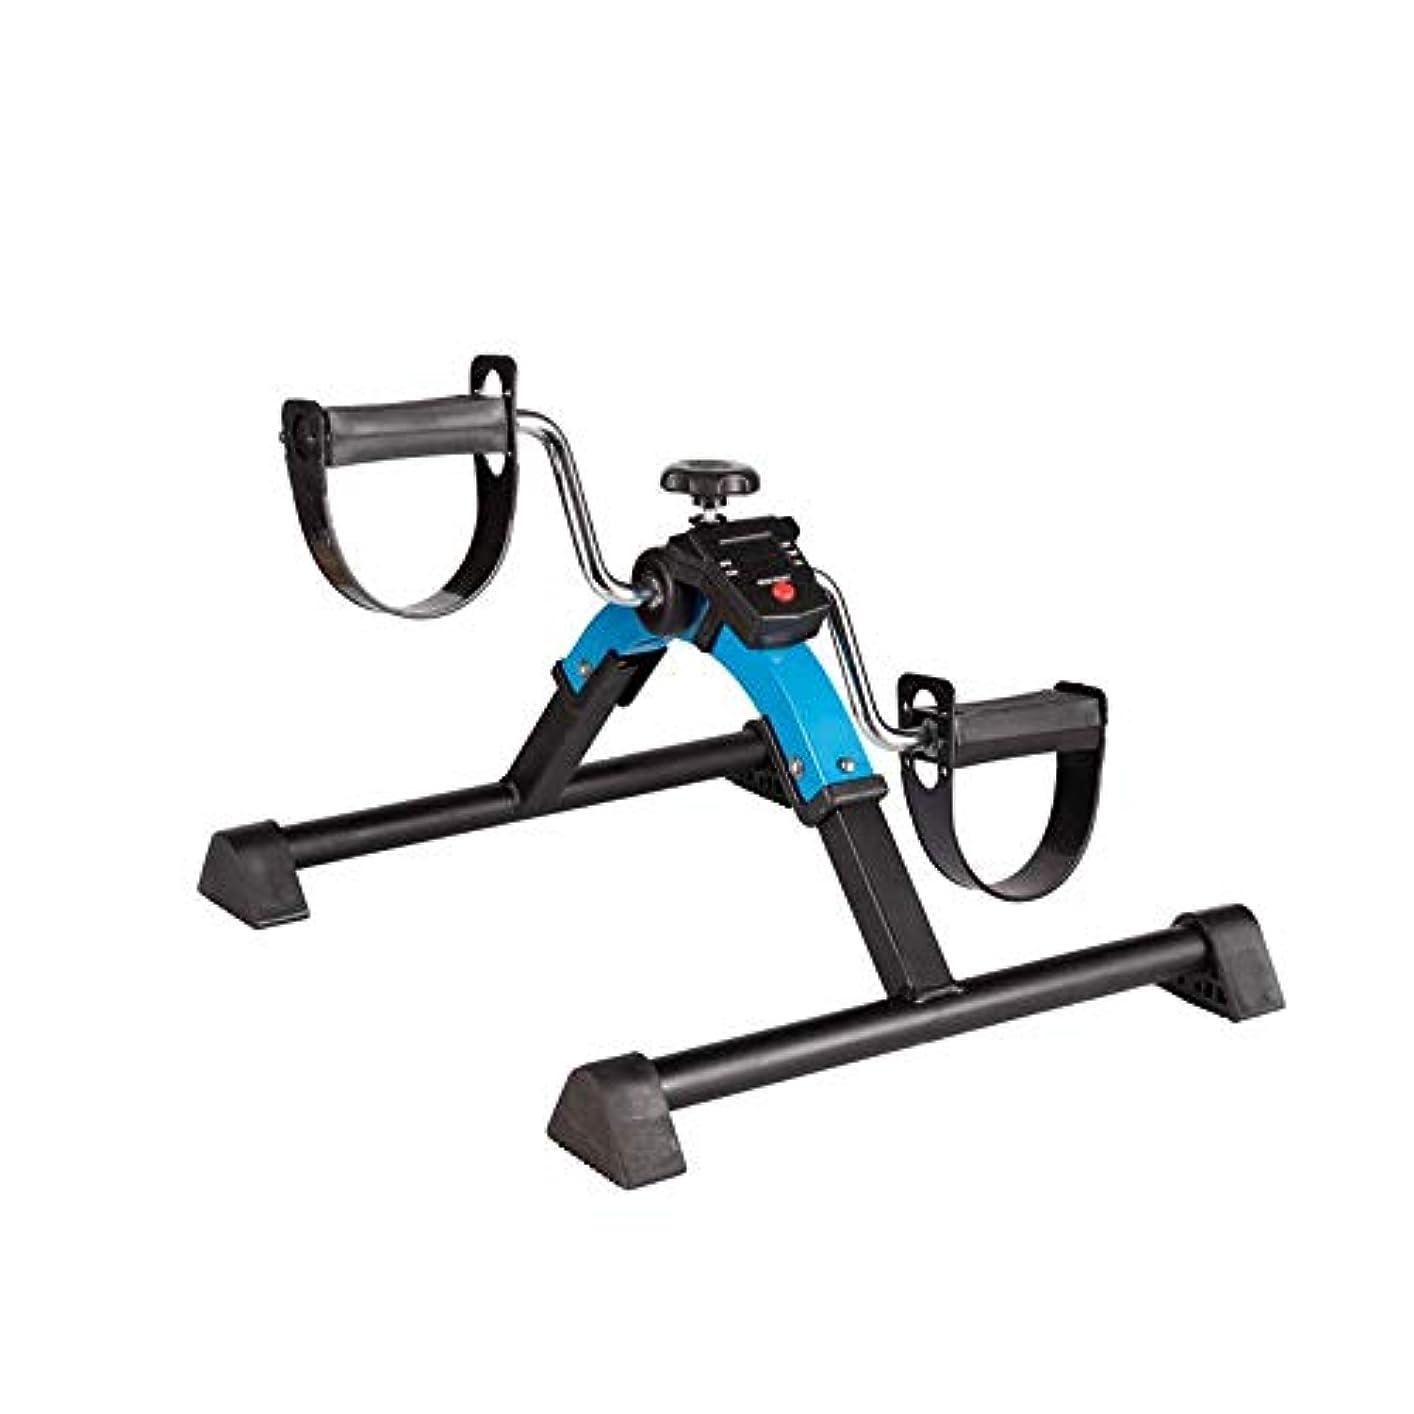 取得準備怠惰上肢および下肢エクササイズペダル、レッグマシン、リハビリトレーニング機器、脳卒中、片麻痺、手足、二重使用自転車